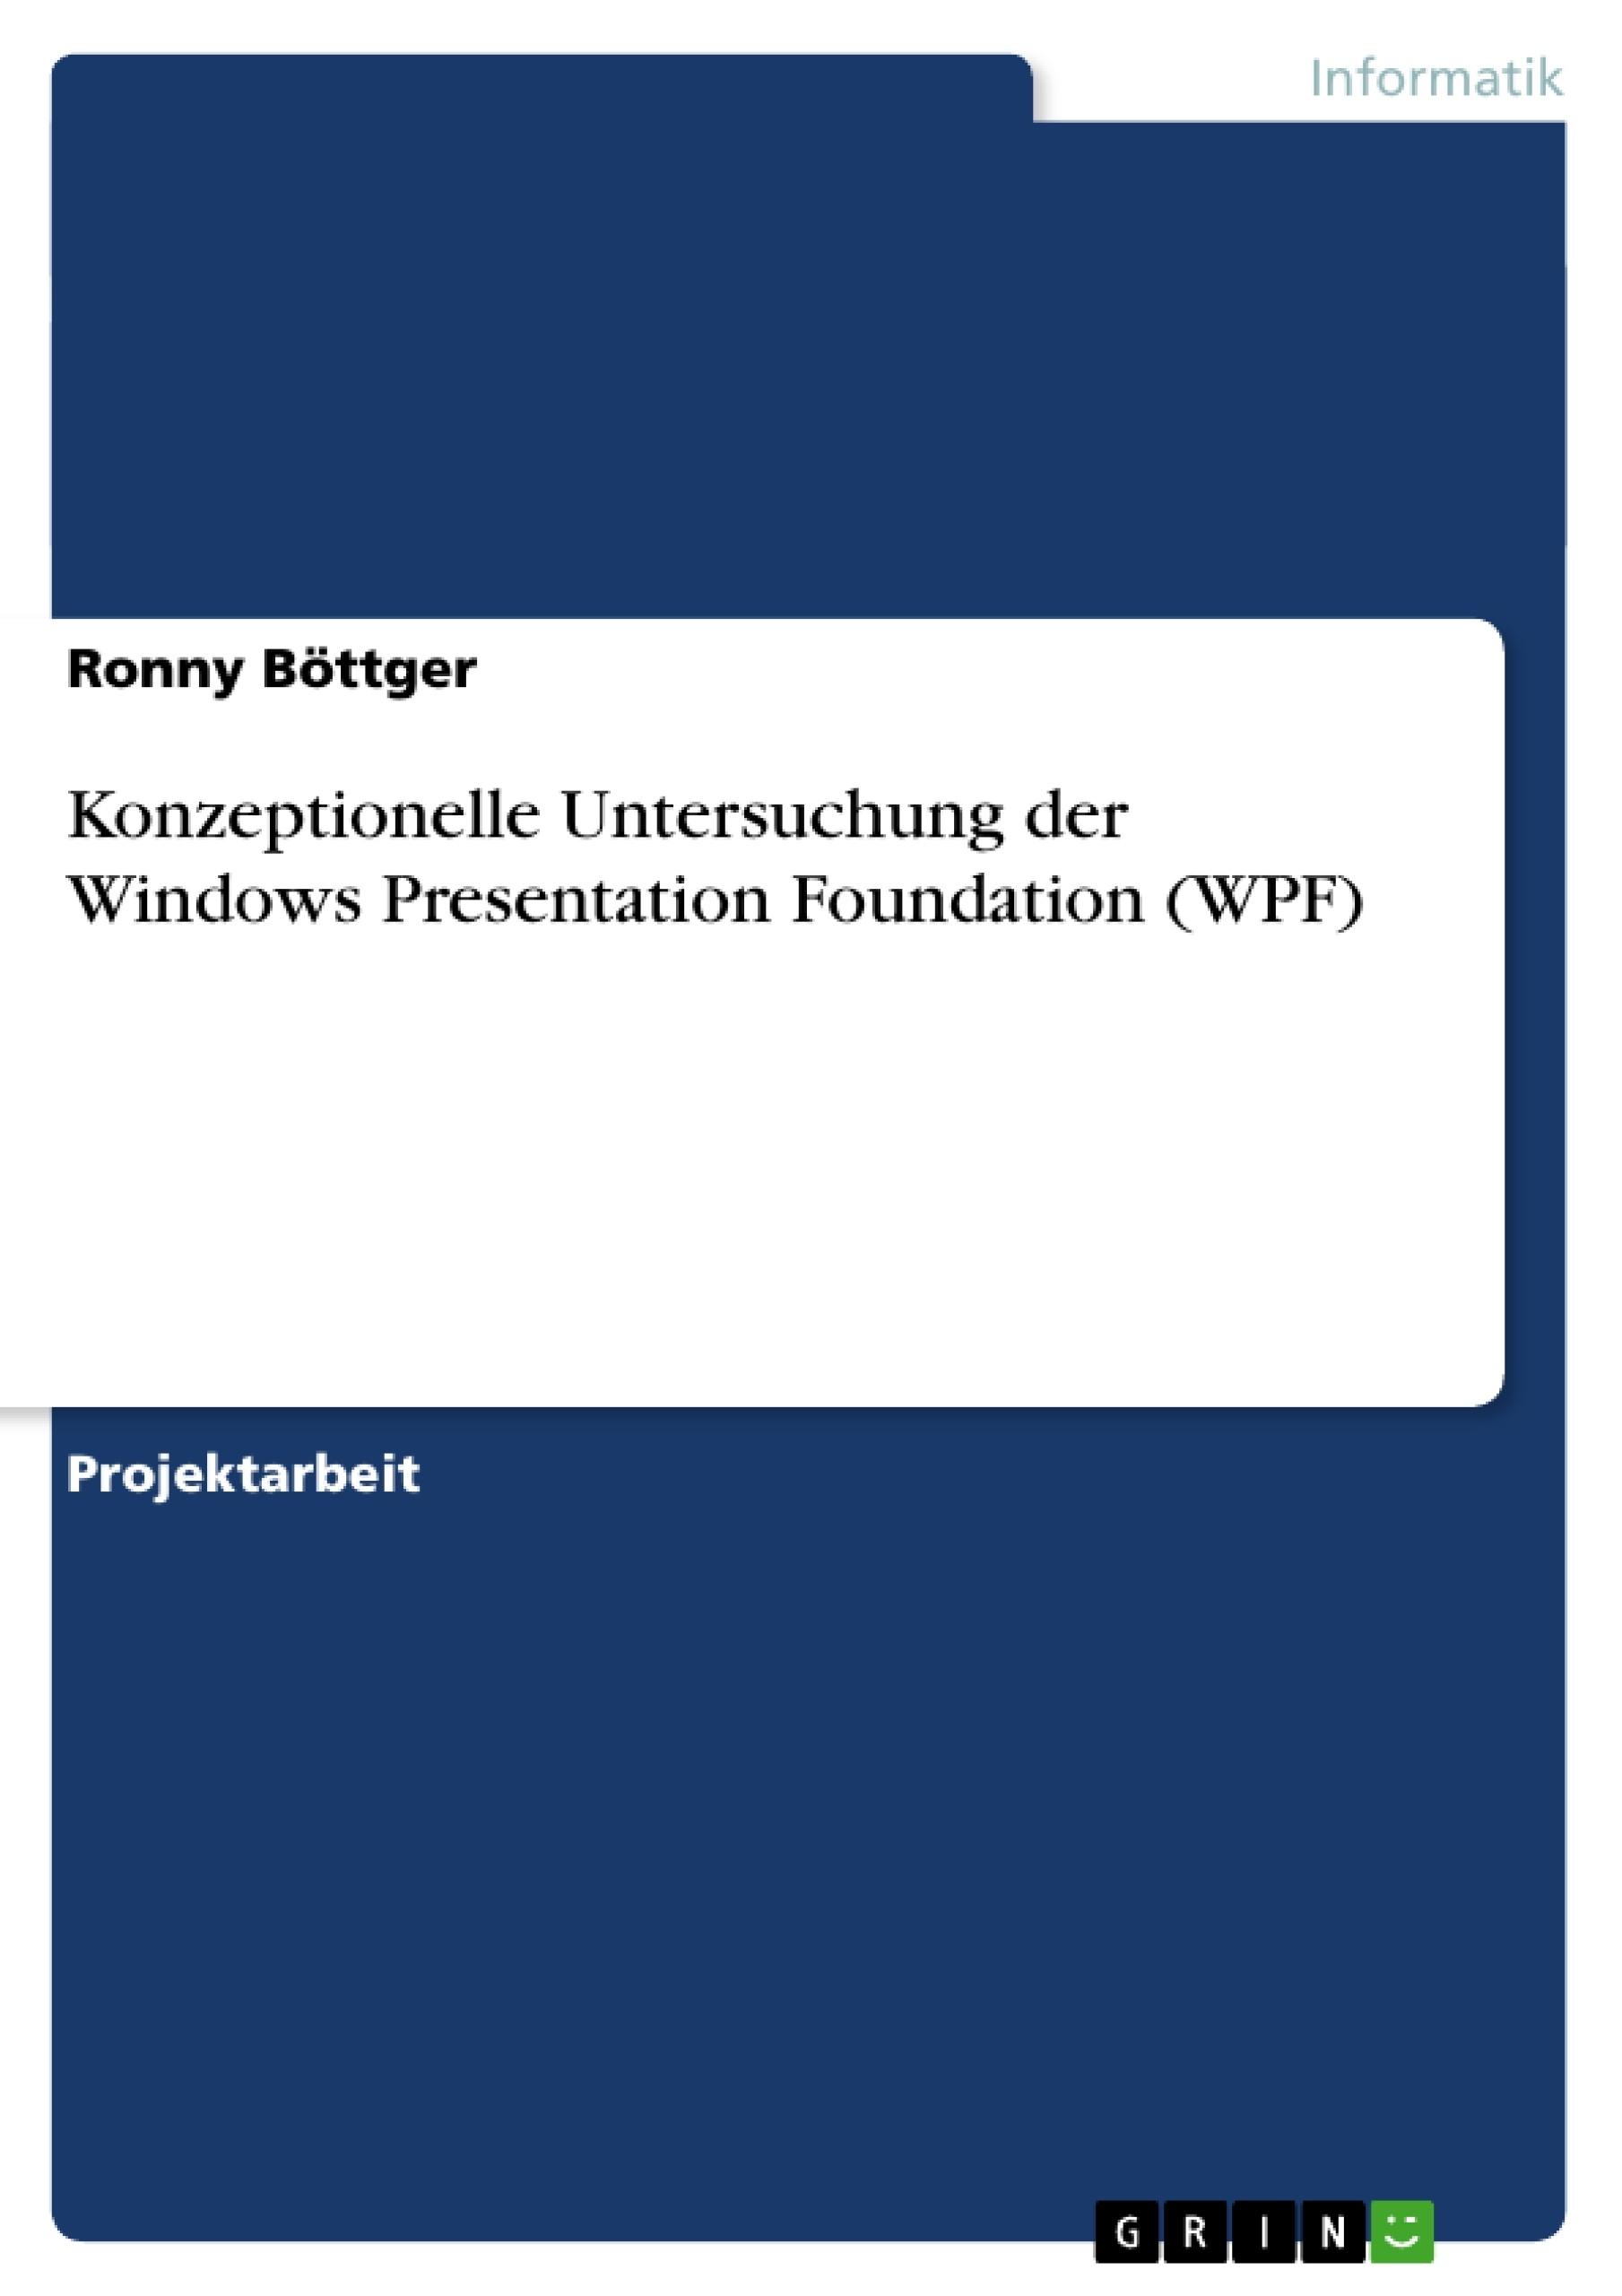 Titel: Konzeptionelle Untersuchung der Windows Presentation Foundation (WPF)